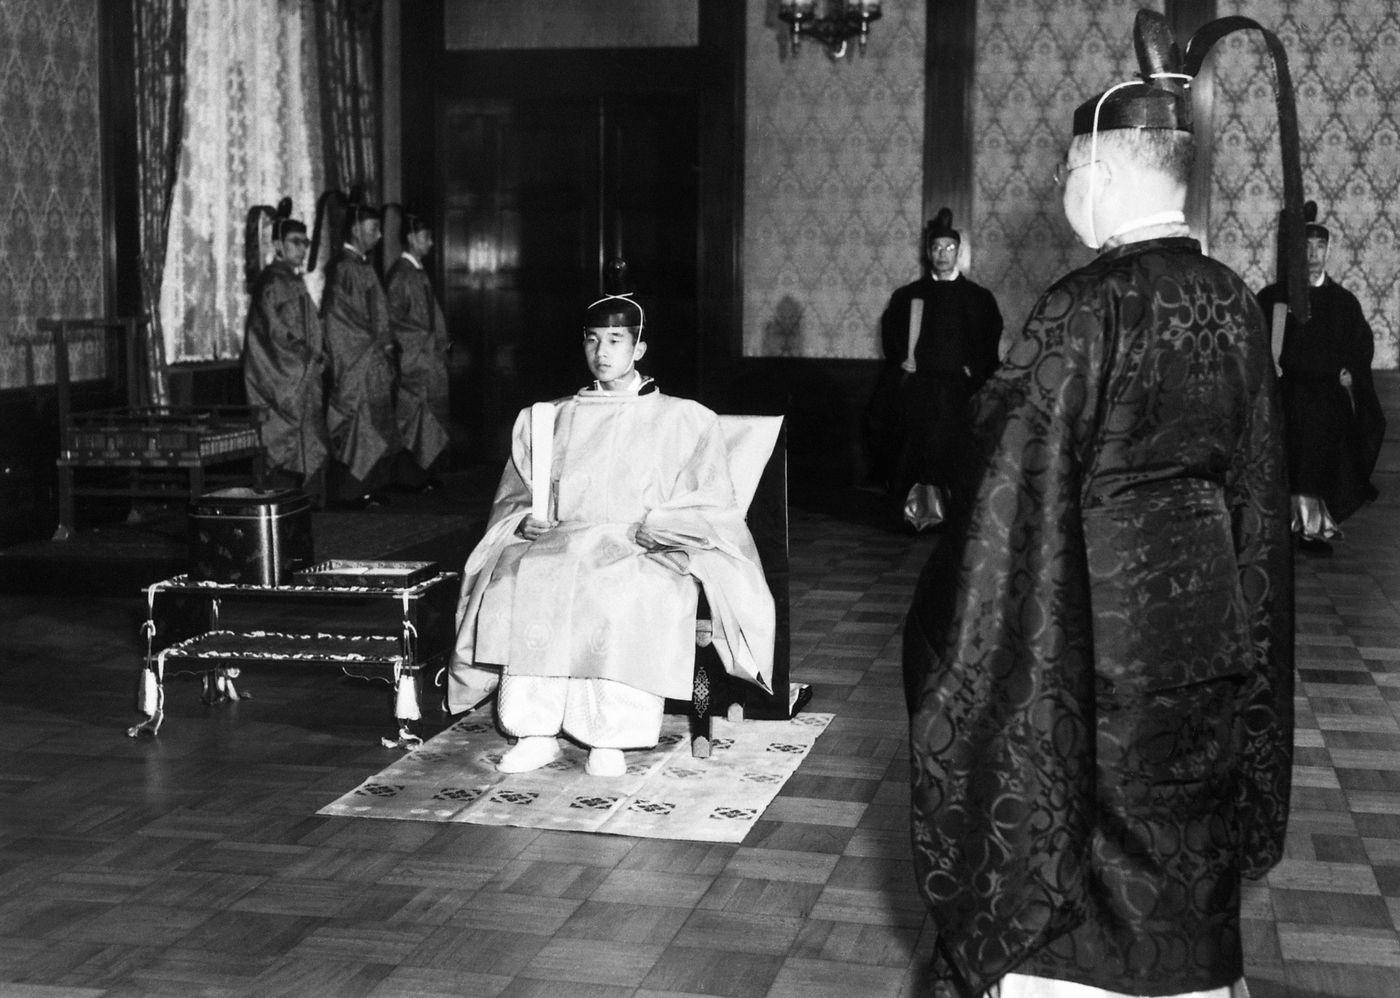 Nhật Hoàng Akihito: Vị hoàng đế của nhiều lần đầu tiên - Ảnh 2.